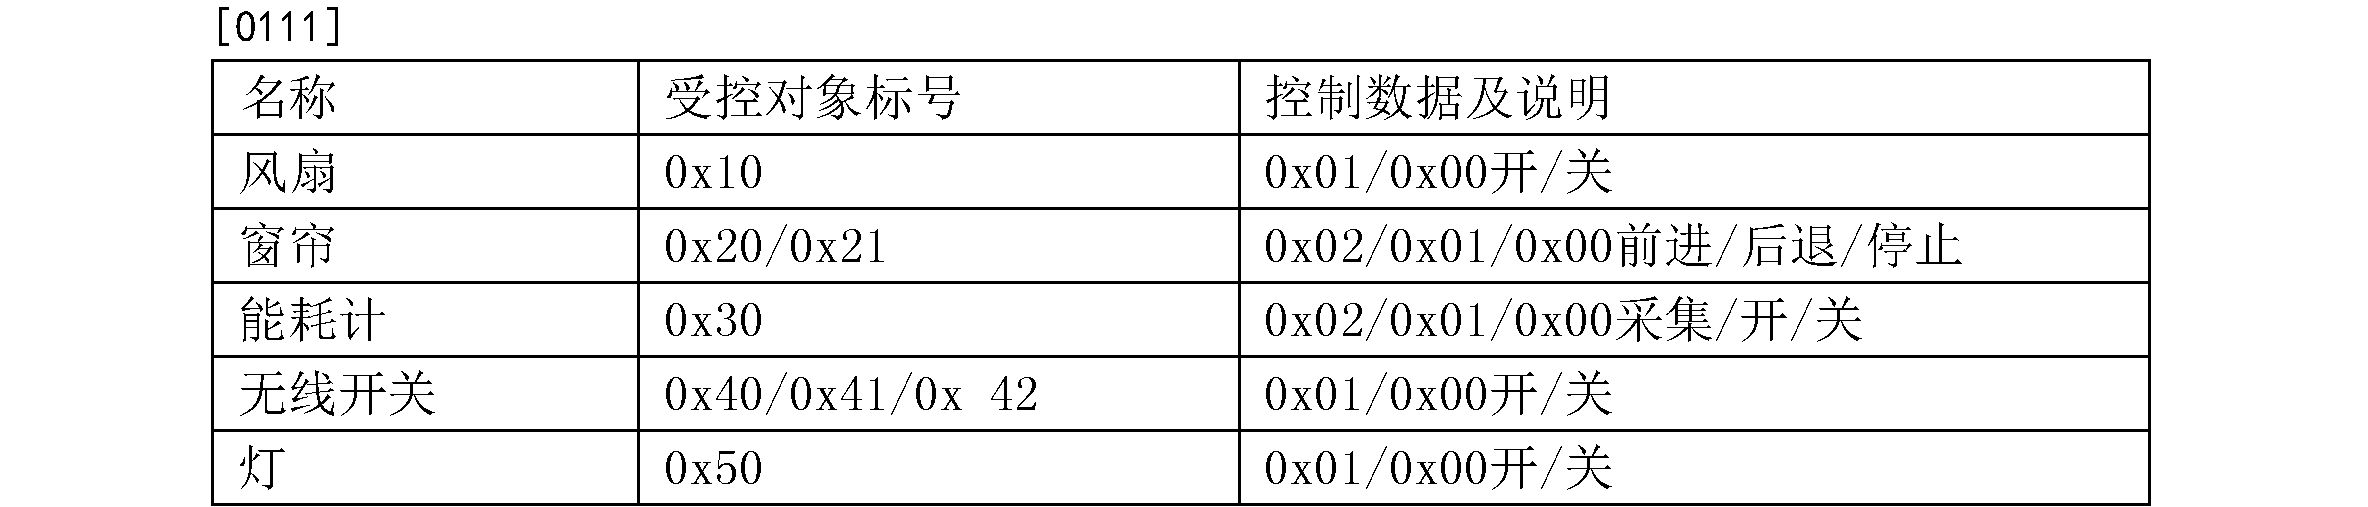 Figure CN104331053BD00122